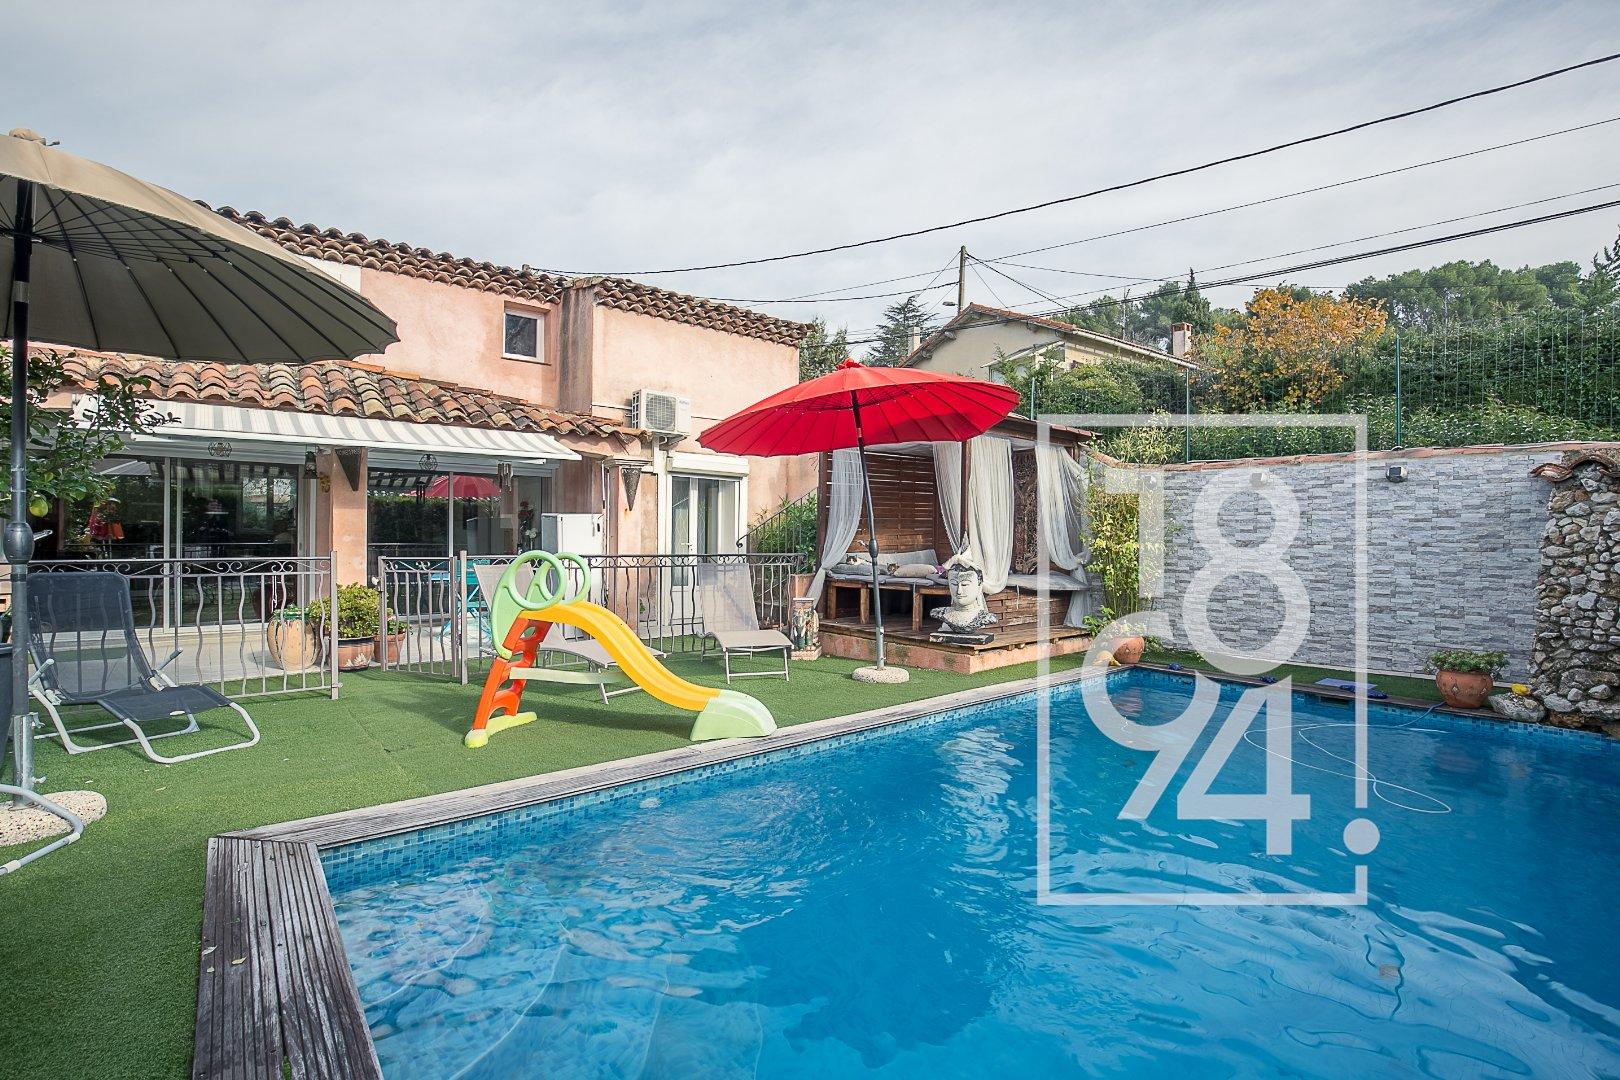 Maison traversante de type 6/7 de 275m2 sur un terrain de 630m2 avec piscine, pool house et garage.